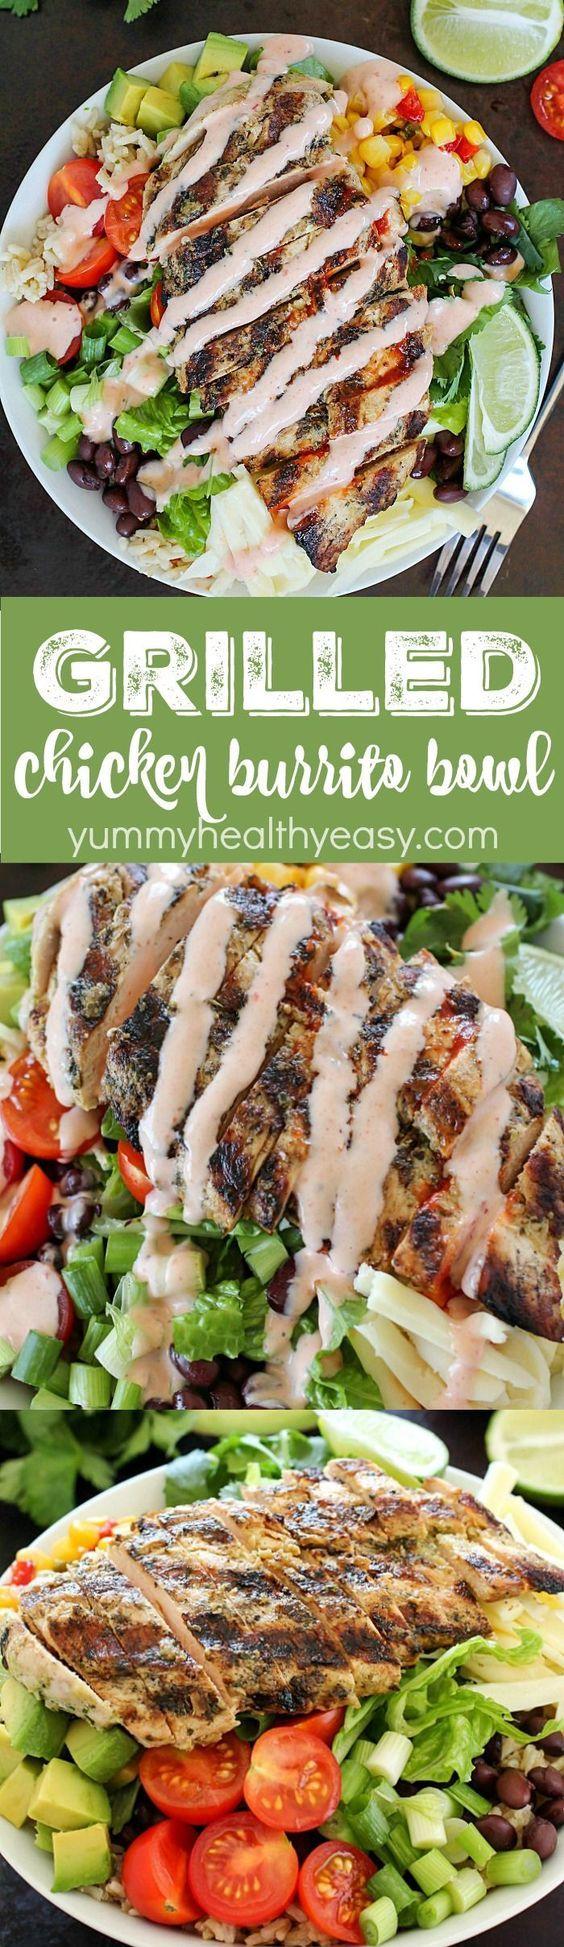 #Recipe : Grilled Chicken Burrito Bowl